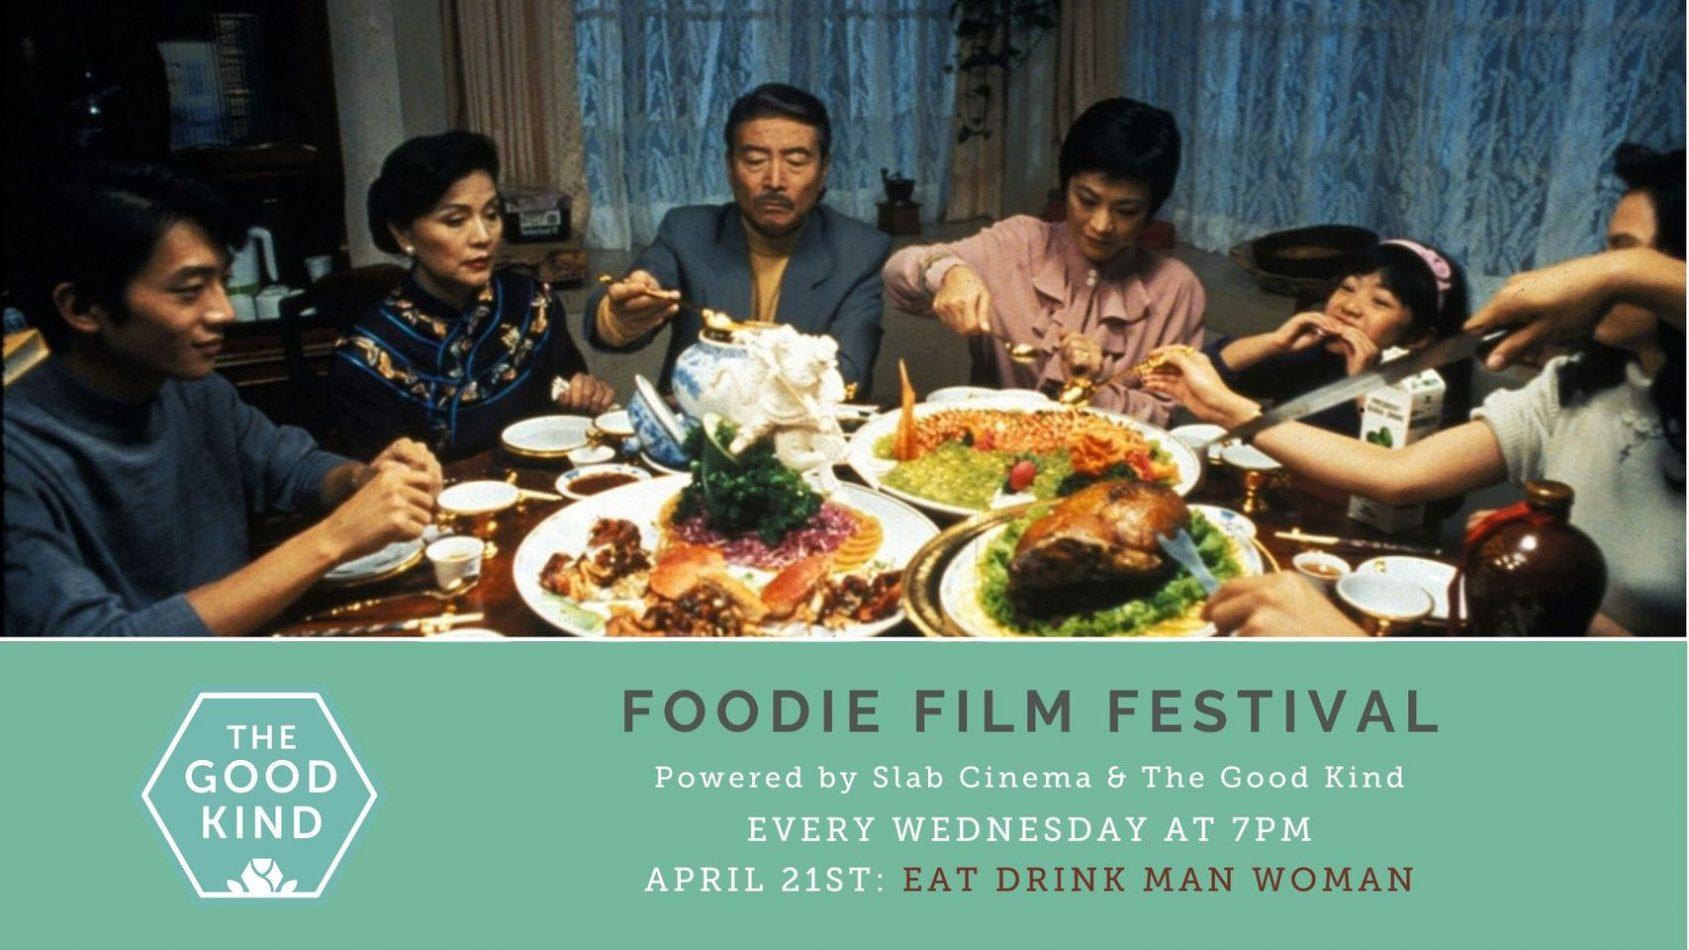 Foodie Film Festival: Eat Drink Man Woman